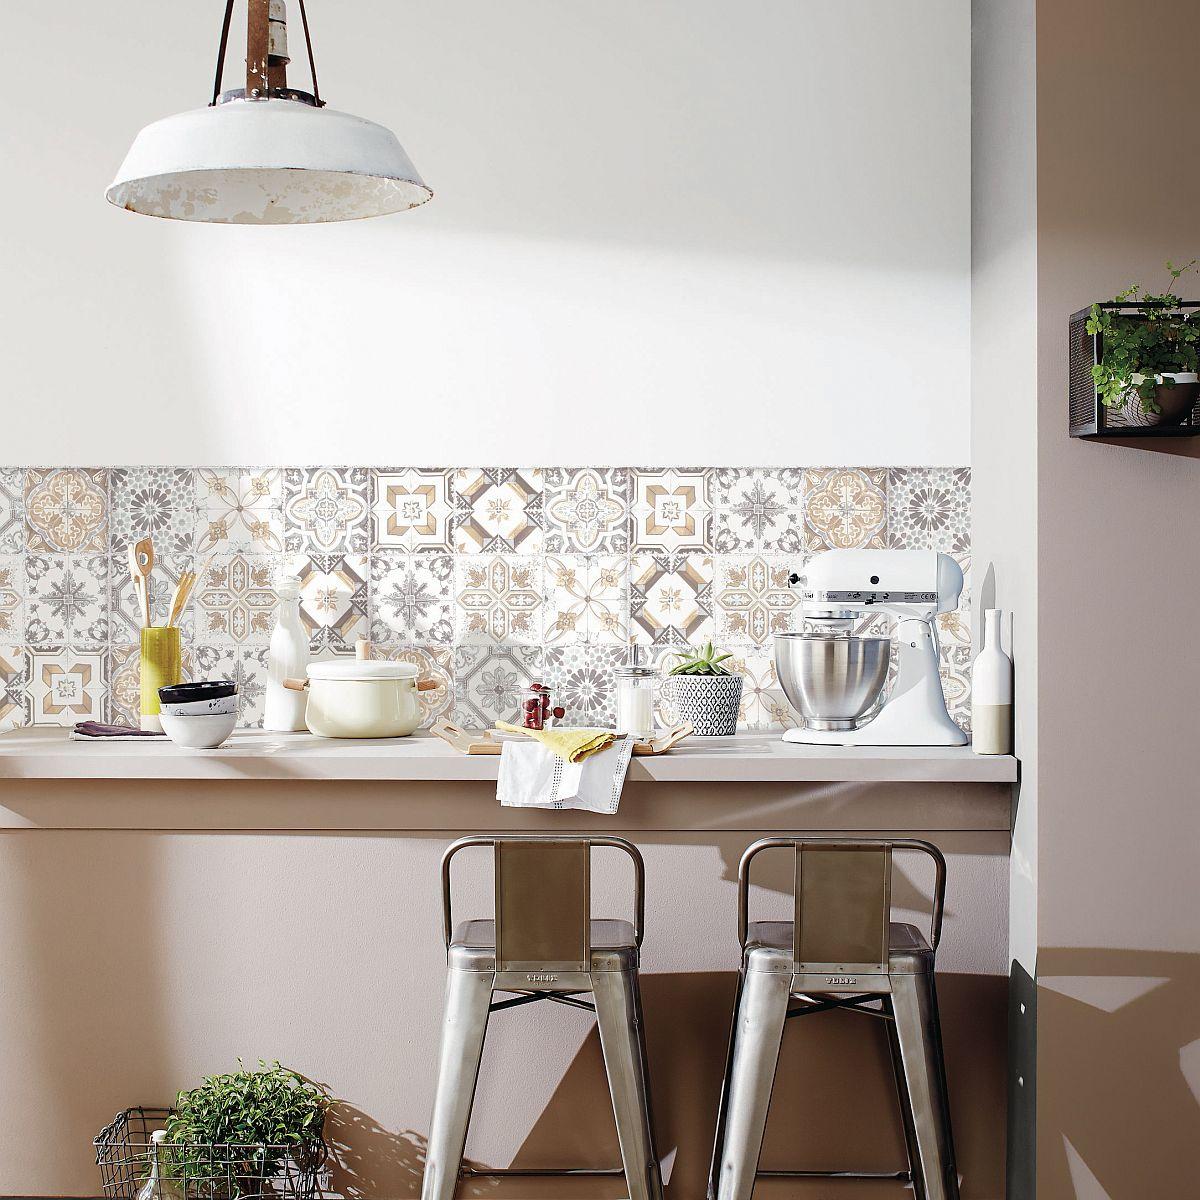 Full Size of Tapeten Für Küche Und Esszimmer Schöne Tapeten Für Küche Esprit Tapeten Für Küche Abwaschbare Tapeten Für Küche Küche Tapeten Für Küche